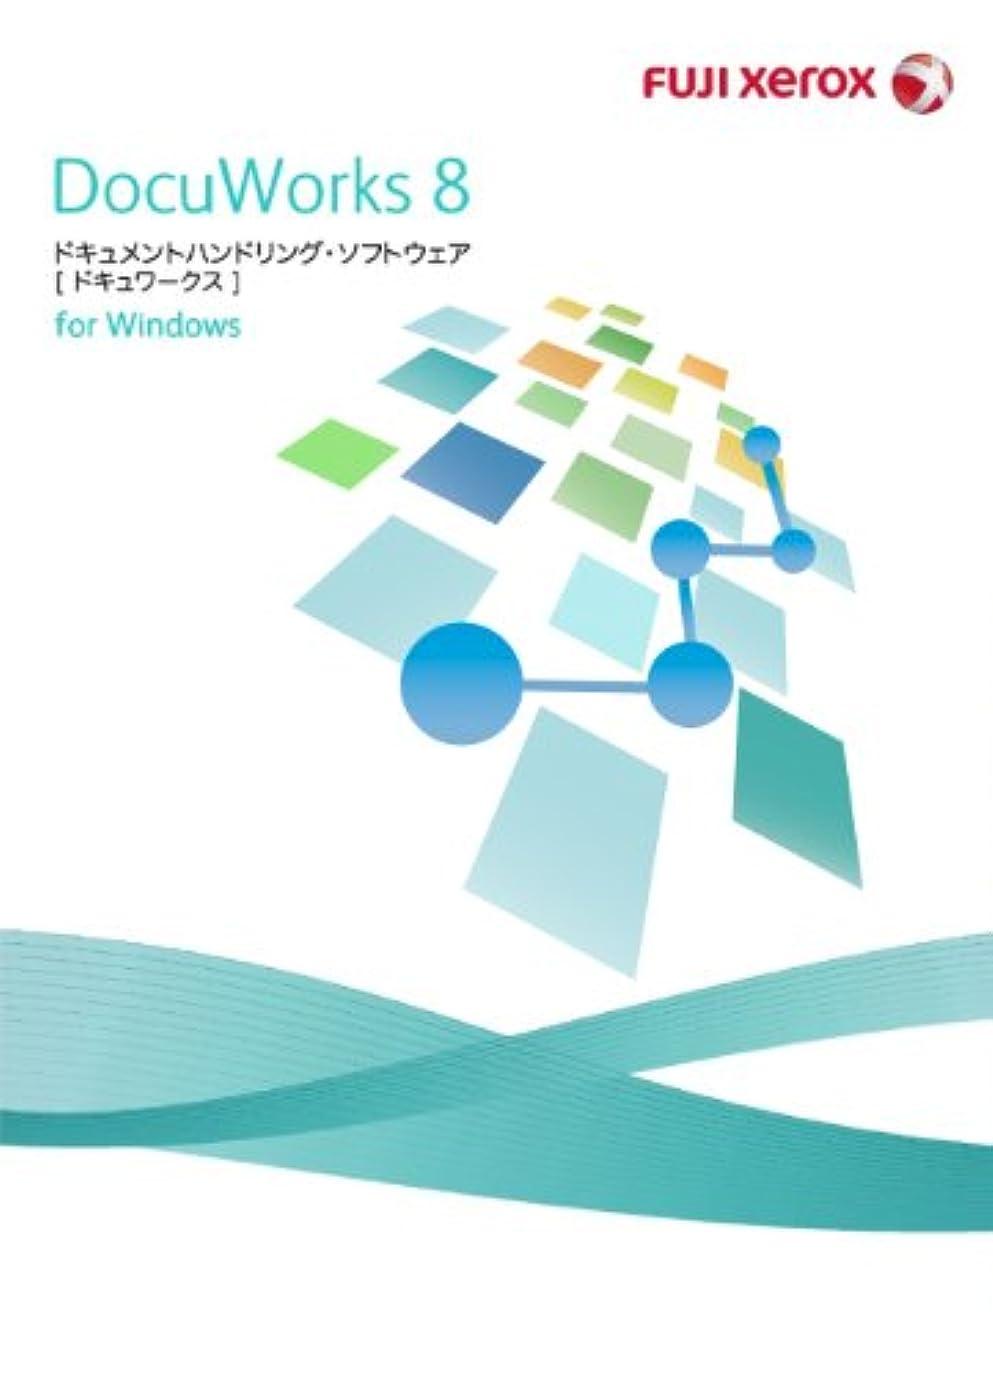 コンデンサー回る女王富士ゼロックス DocuWorks8日本語版/5ライセンス基本(V.8.0.7)